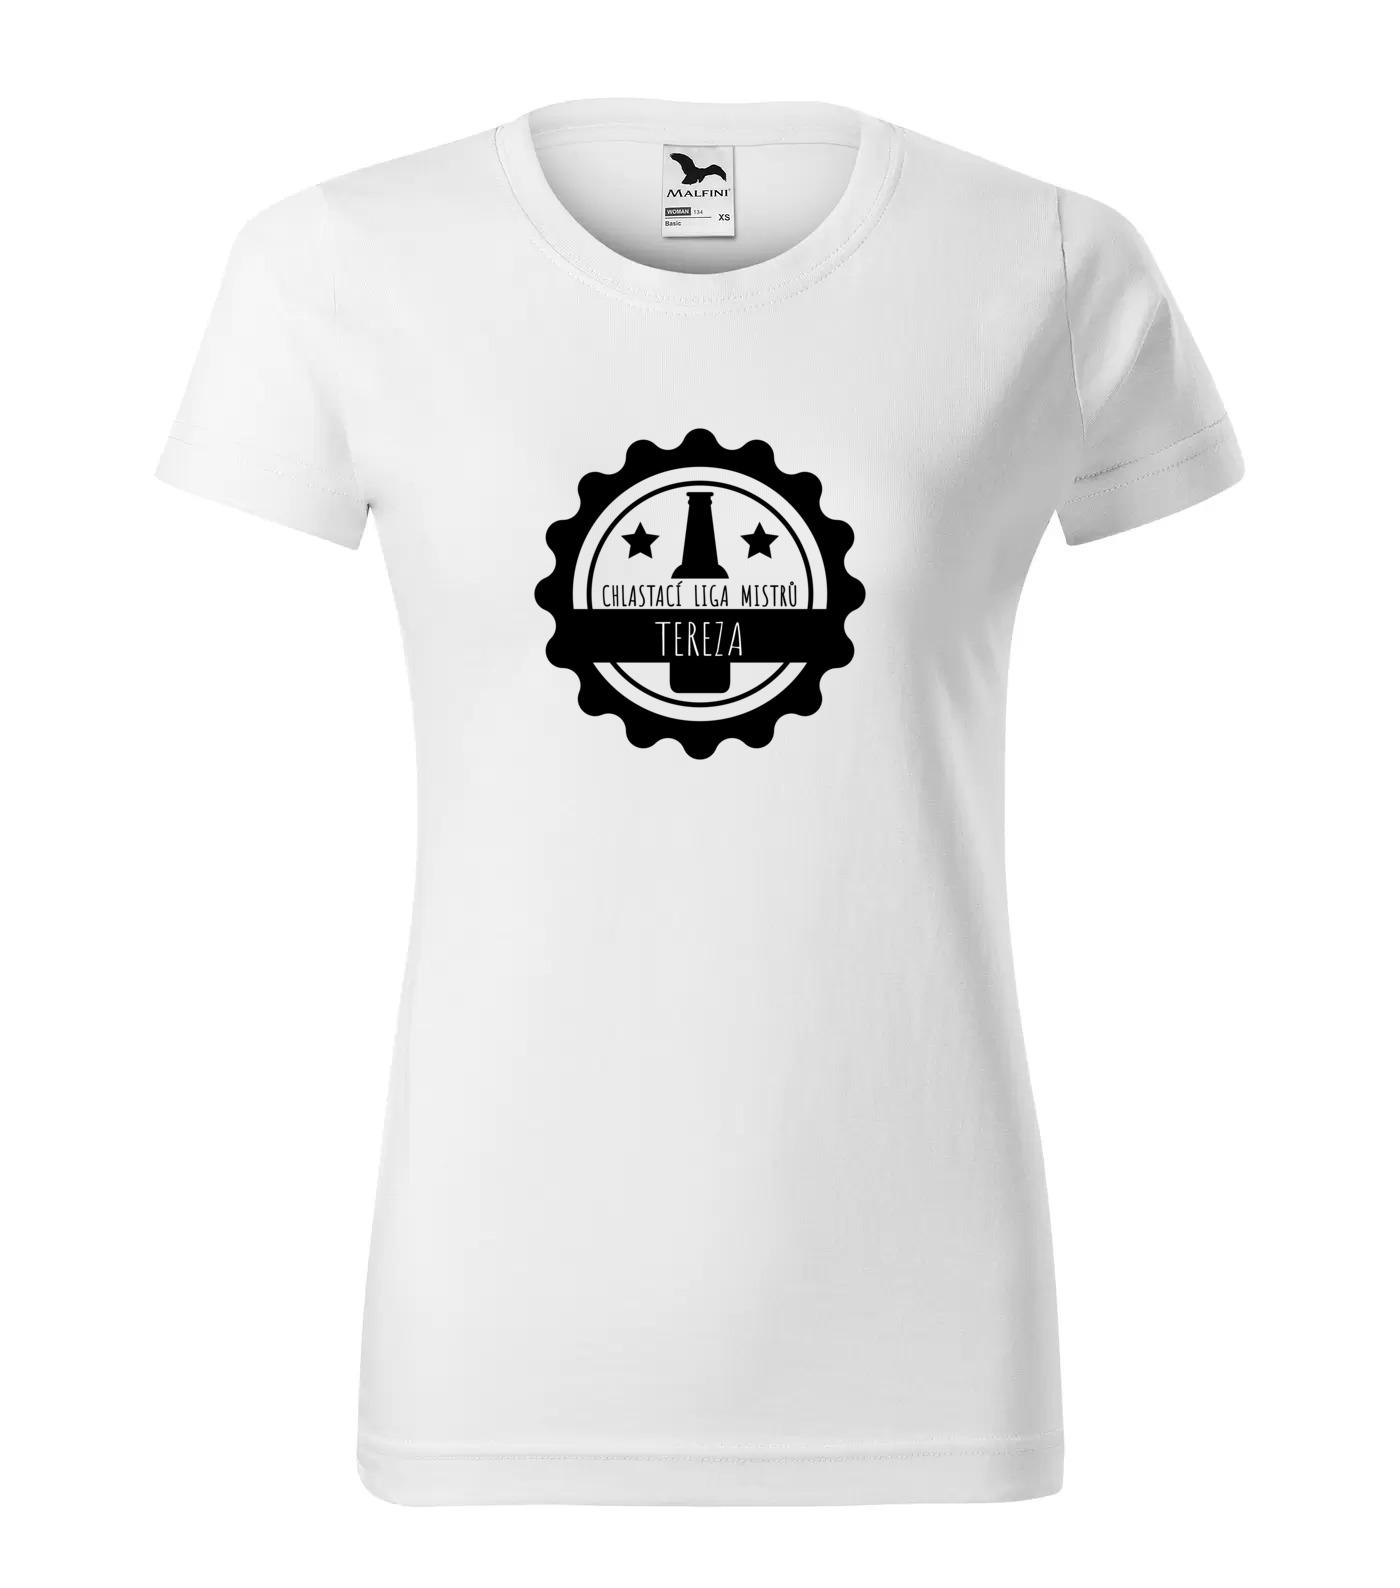 Tričko Chlastací liga žen Tereza